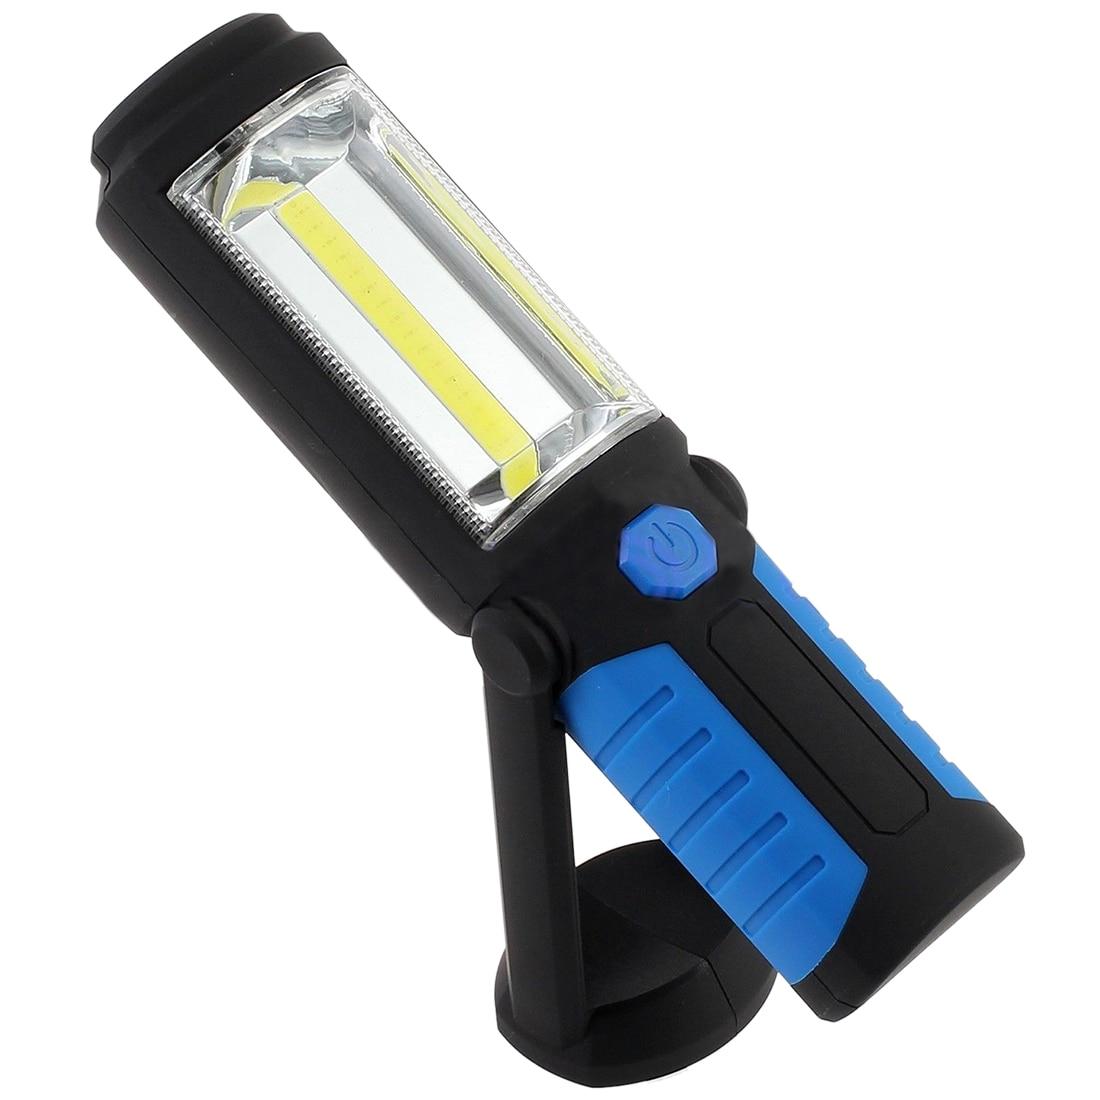 Luzes de Emergência super brilhante cob + led Tensão : 12v